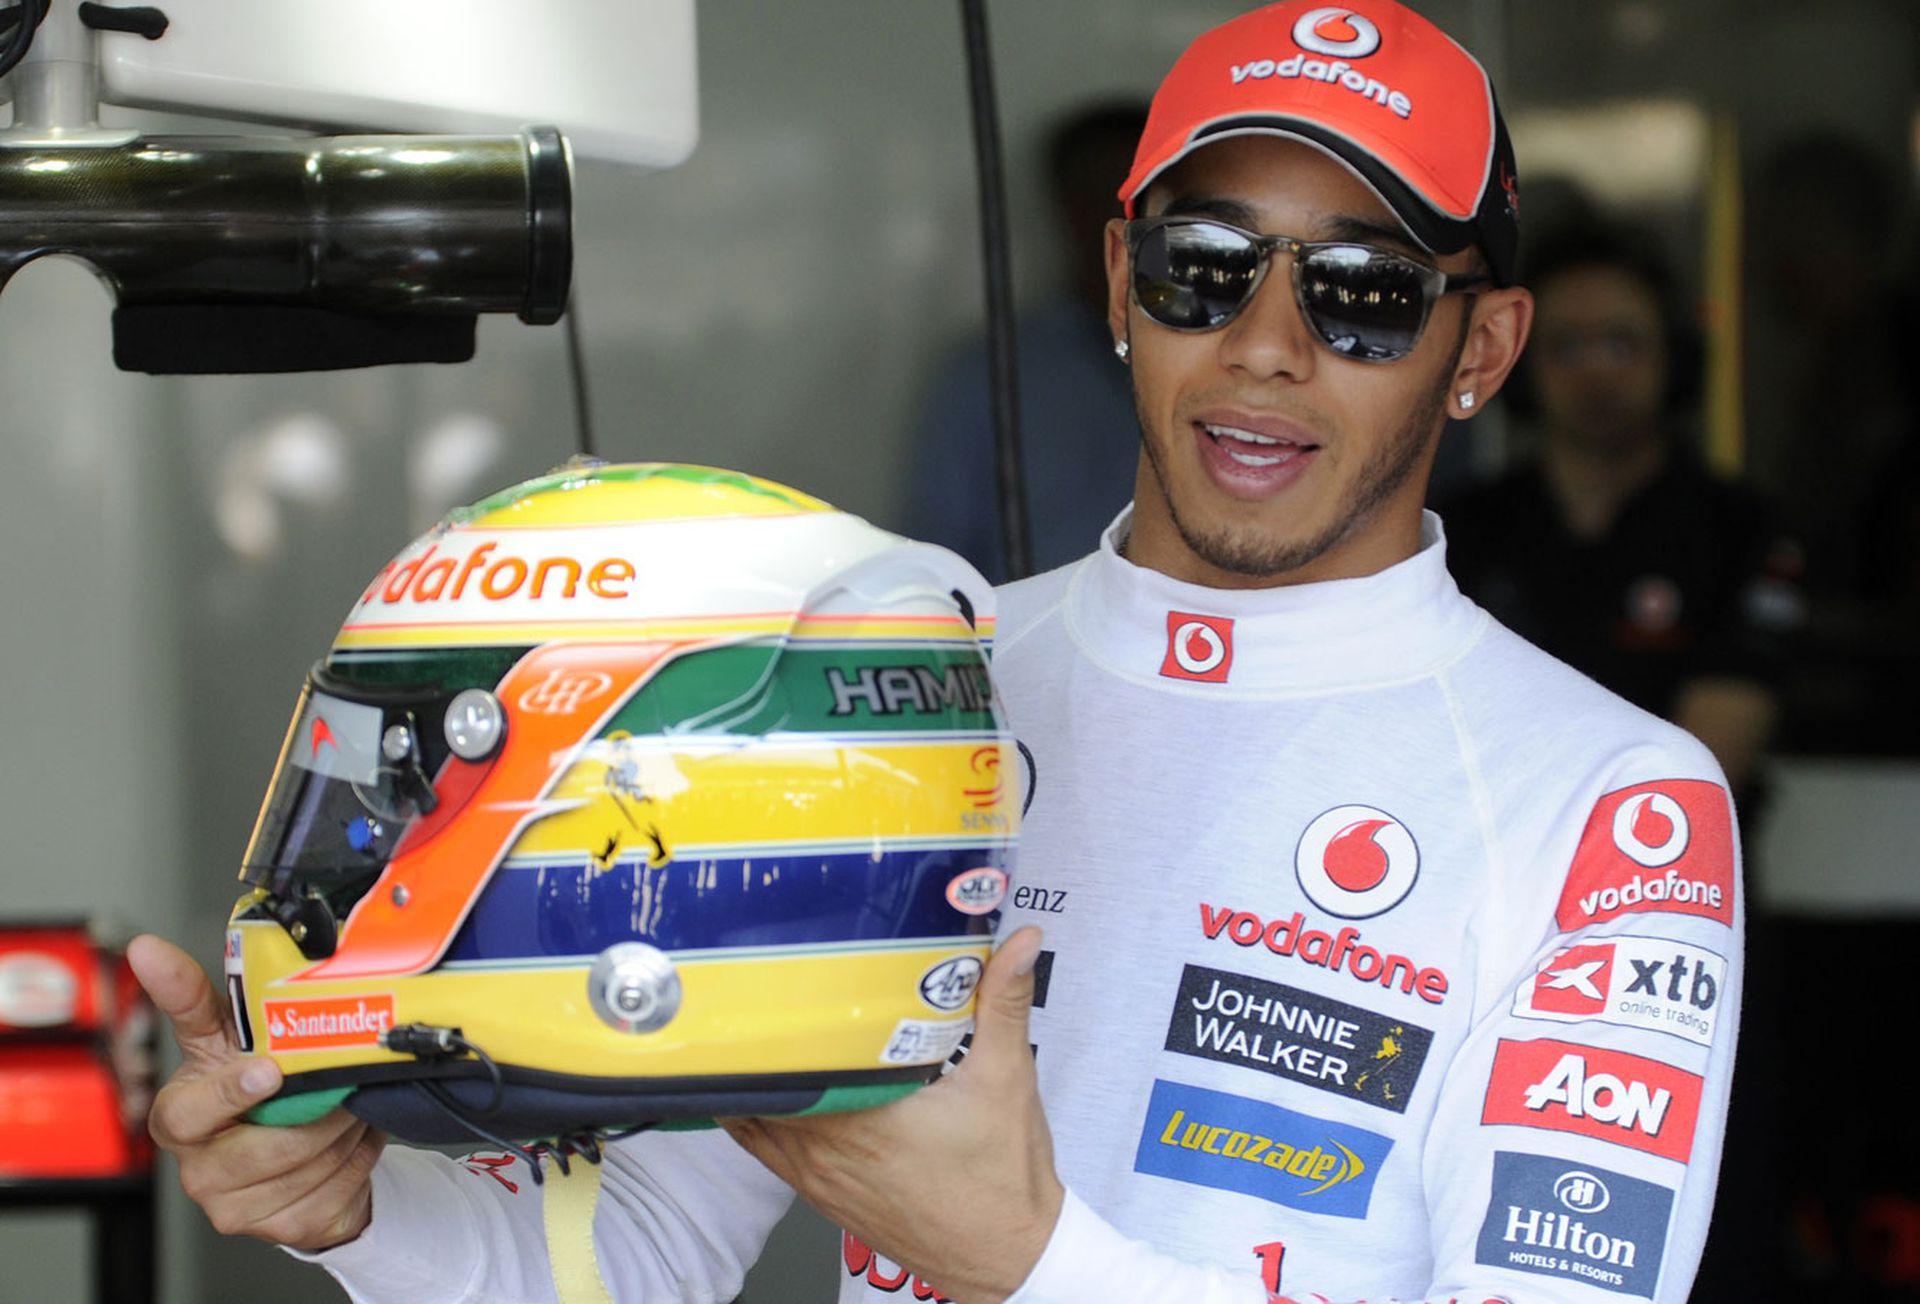 Hamilton y su homenaje a Senna: el casco con los colores de la bandera de Brasil